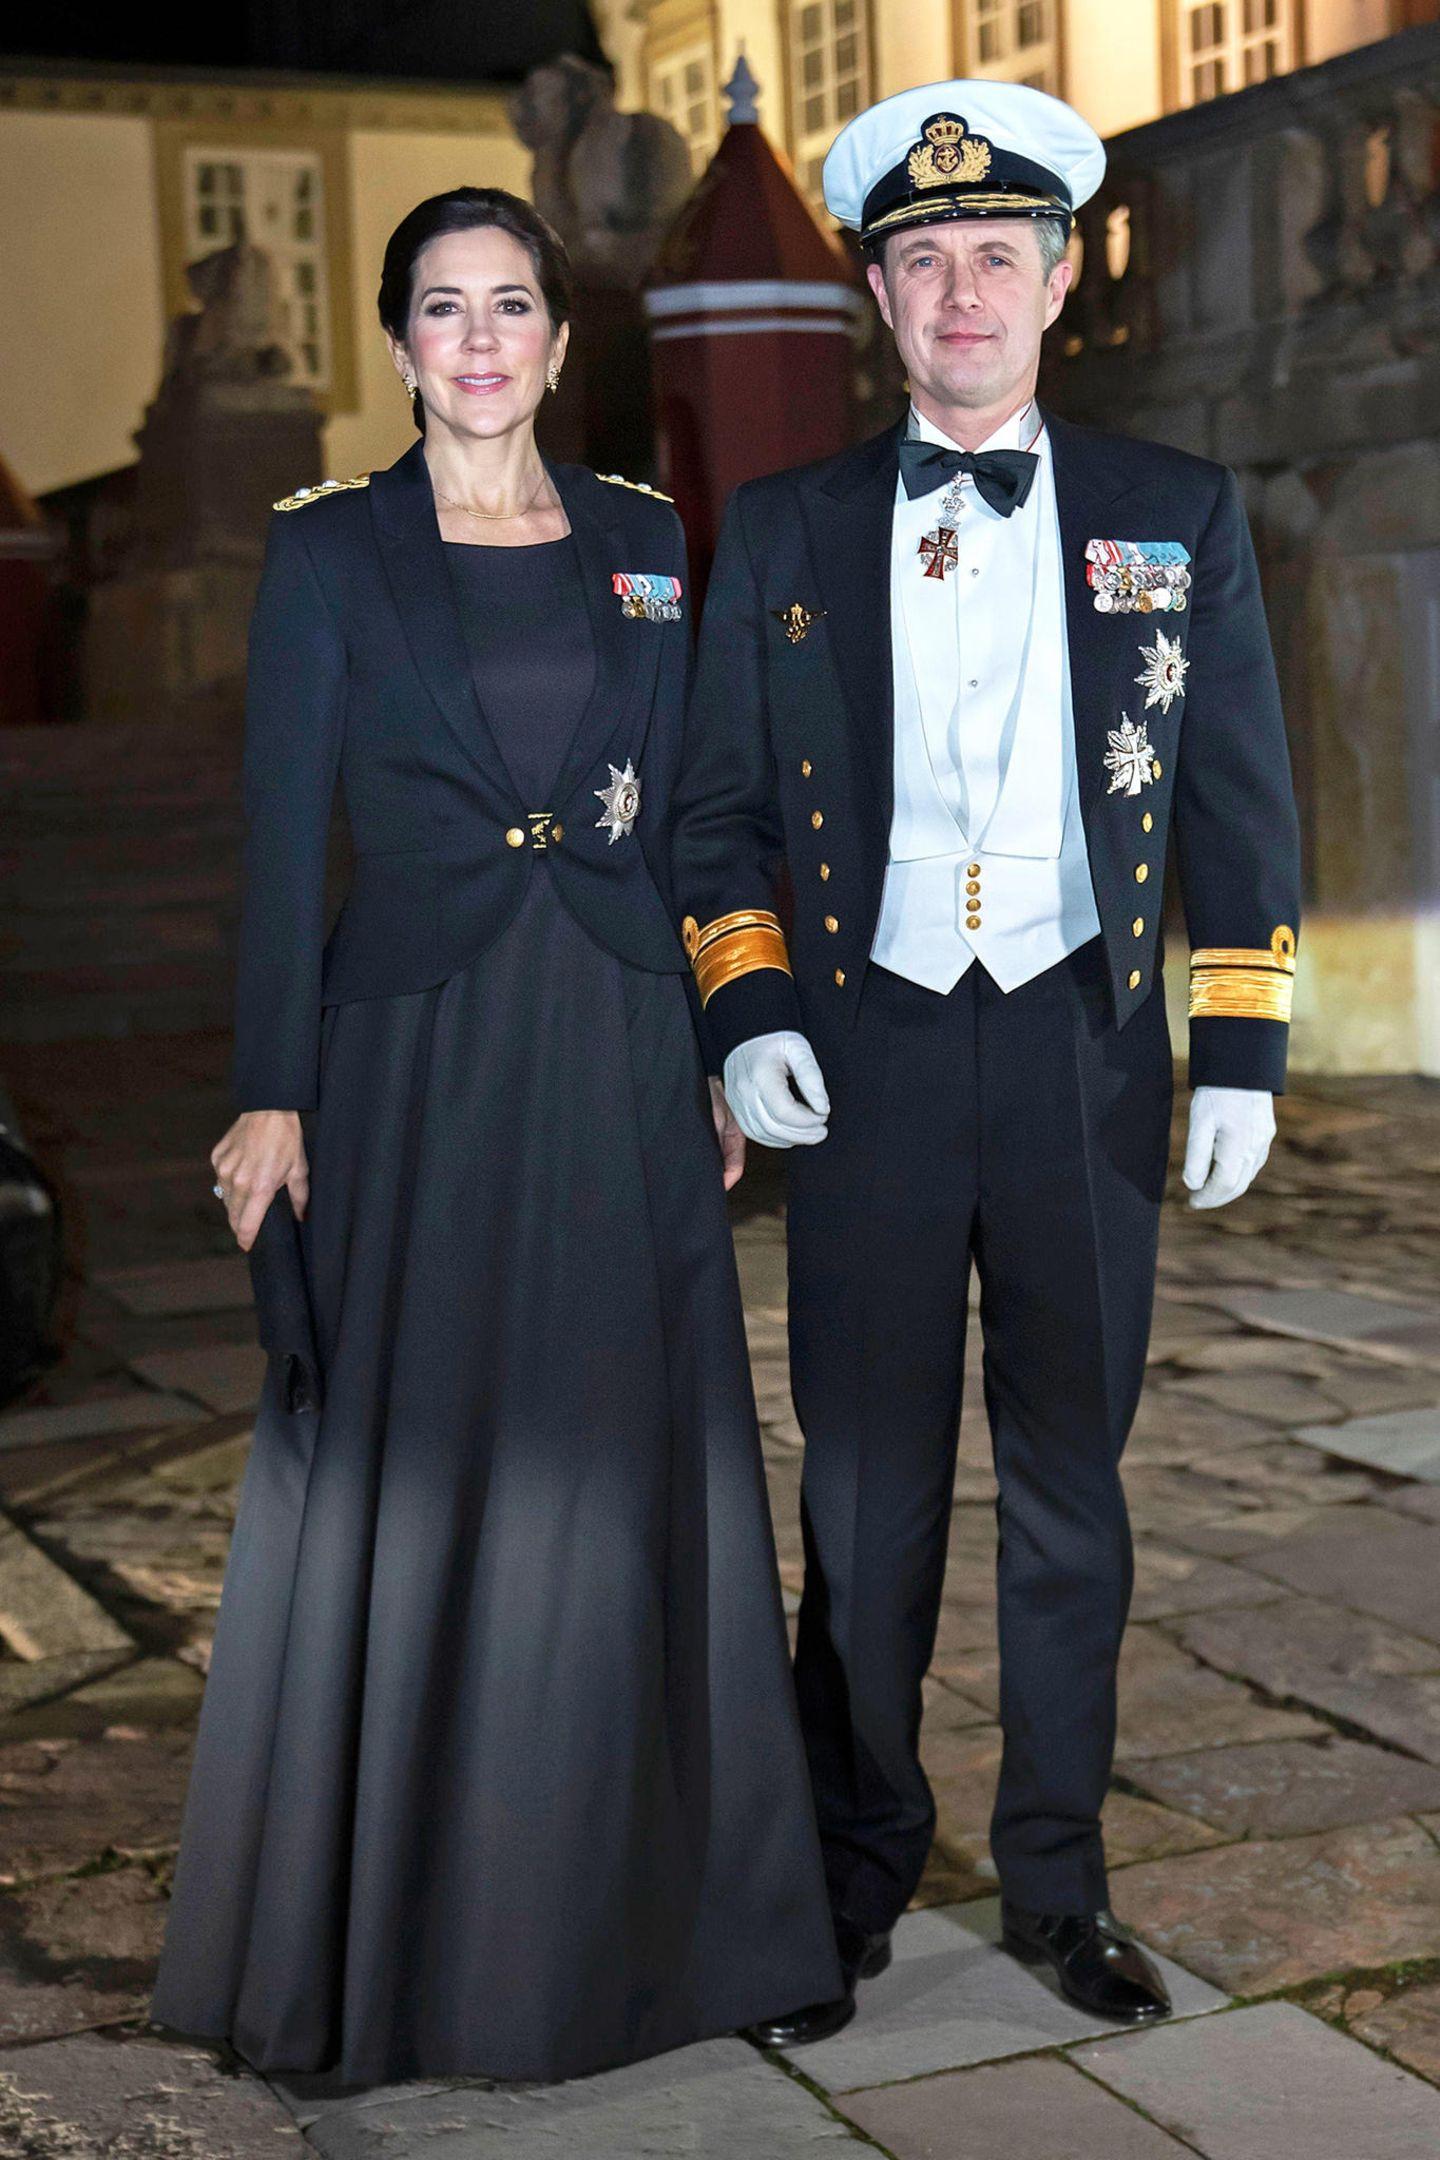 Prinzessin in Uniform: Mary bezaubertbeim Ehrendinner für die Marineoffiziere auf Schloss Fredensborg in der neuen Ausgehuniform für Frauen in der Armee. Das schwarze Abendkleid aus einem Satin-Wolle-Gemisch wird mit einem goldenen Gürtel mit Eichen-Motiv und einem passenden Blazer samt Schulterklappen und Orden getragen.